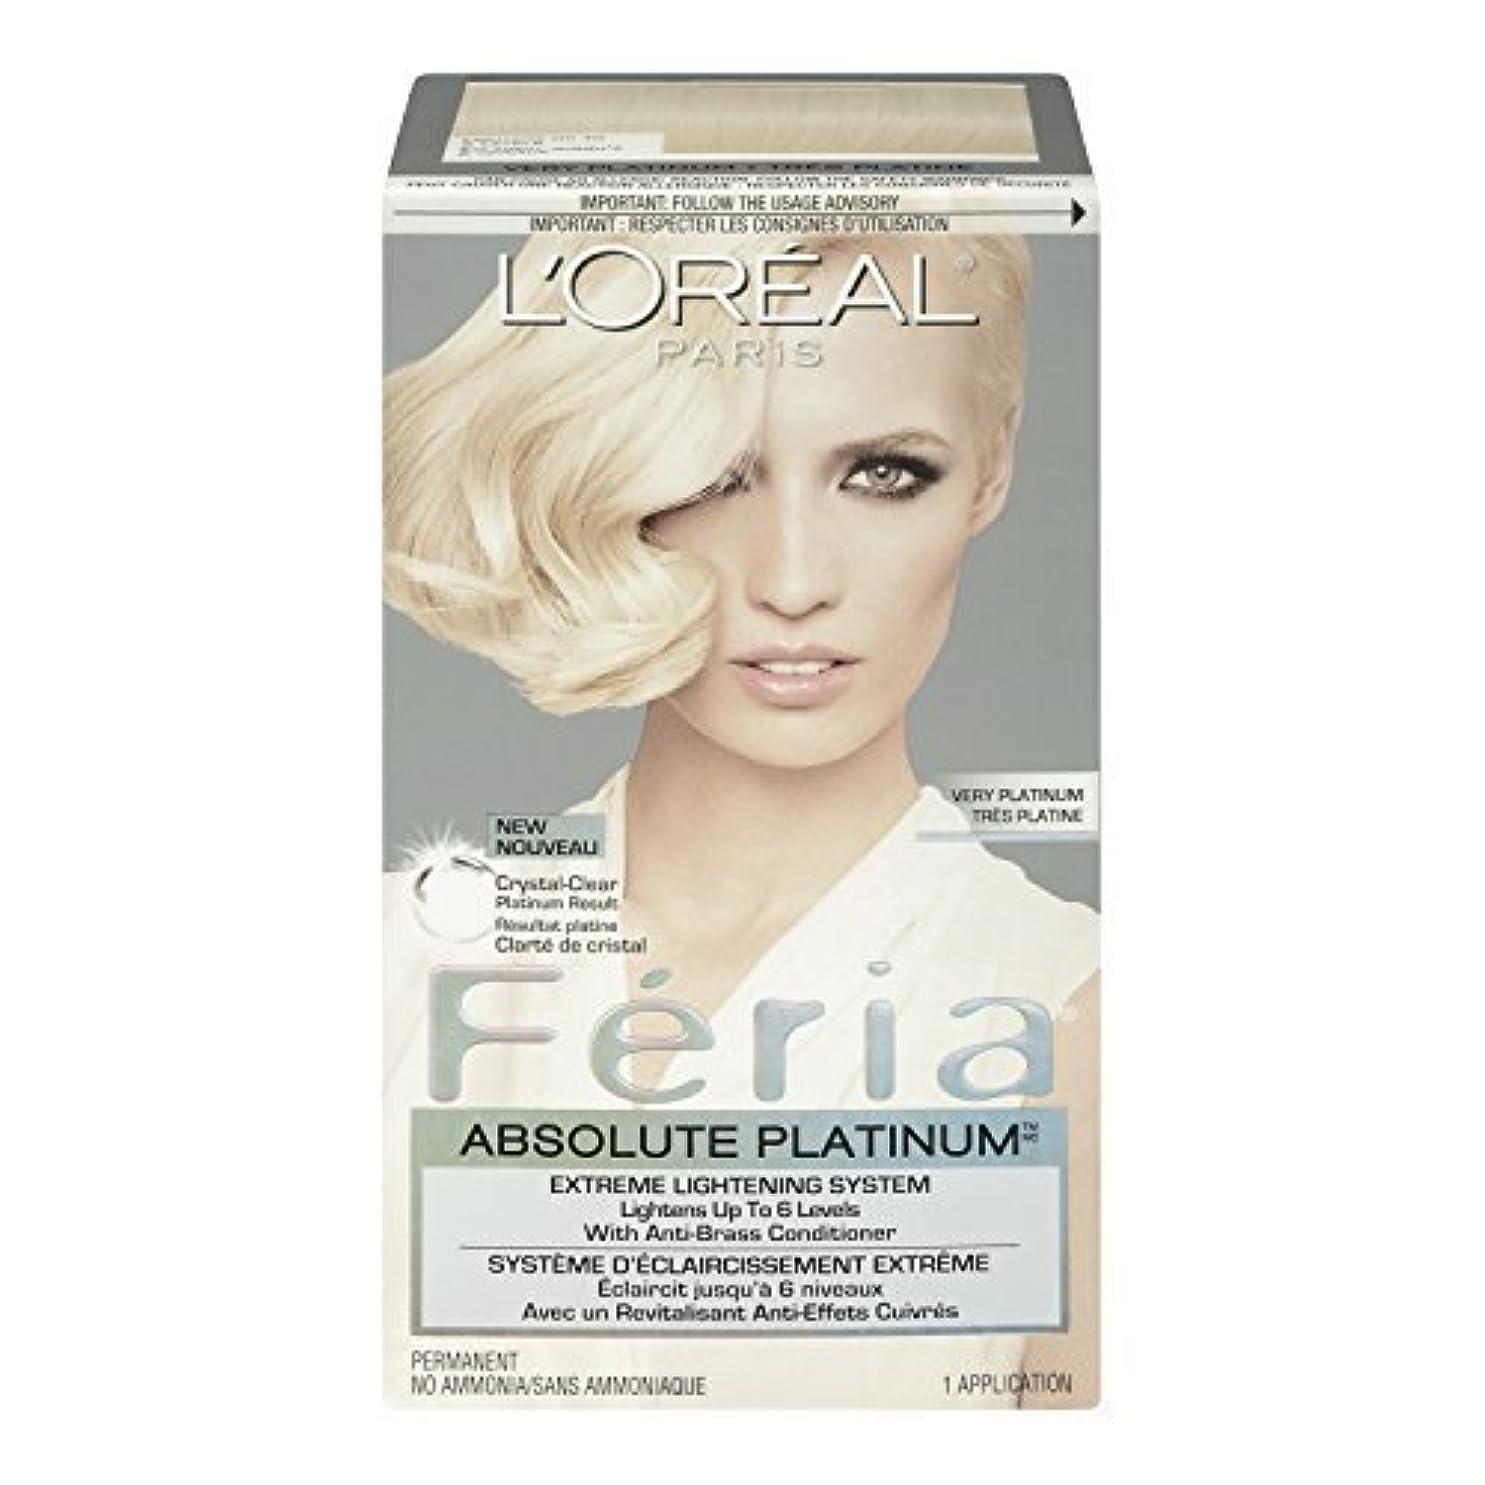 素子おびえた玉L'Oreal Feria Absolute Platinums Hair Color, Very Platinum by L'Oreal Paris Hair Color [並行輸入品]